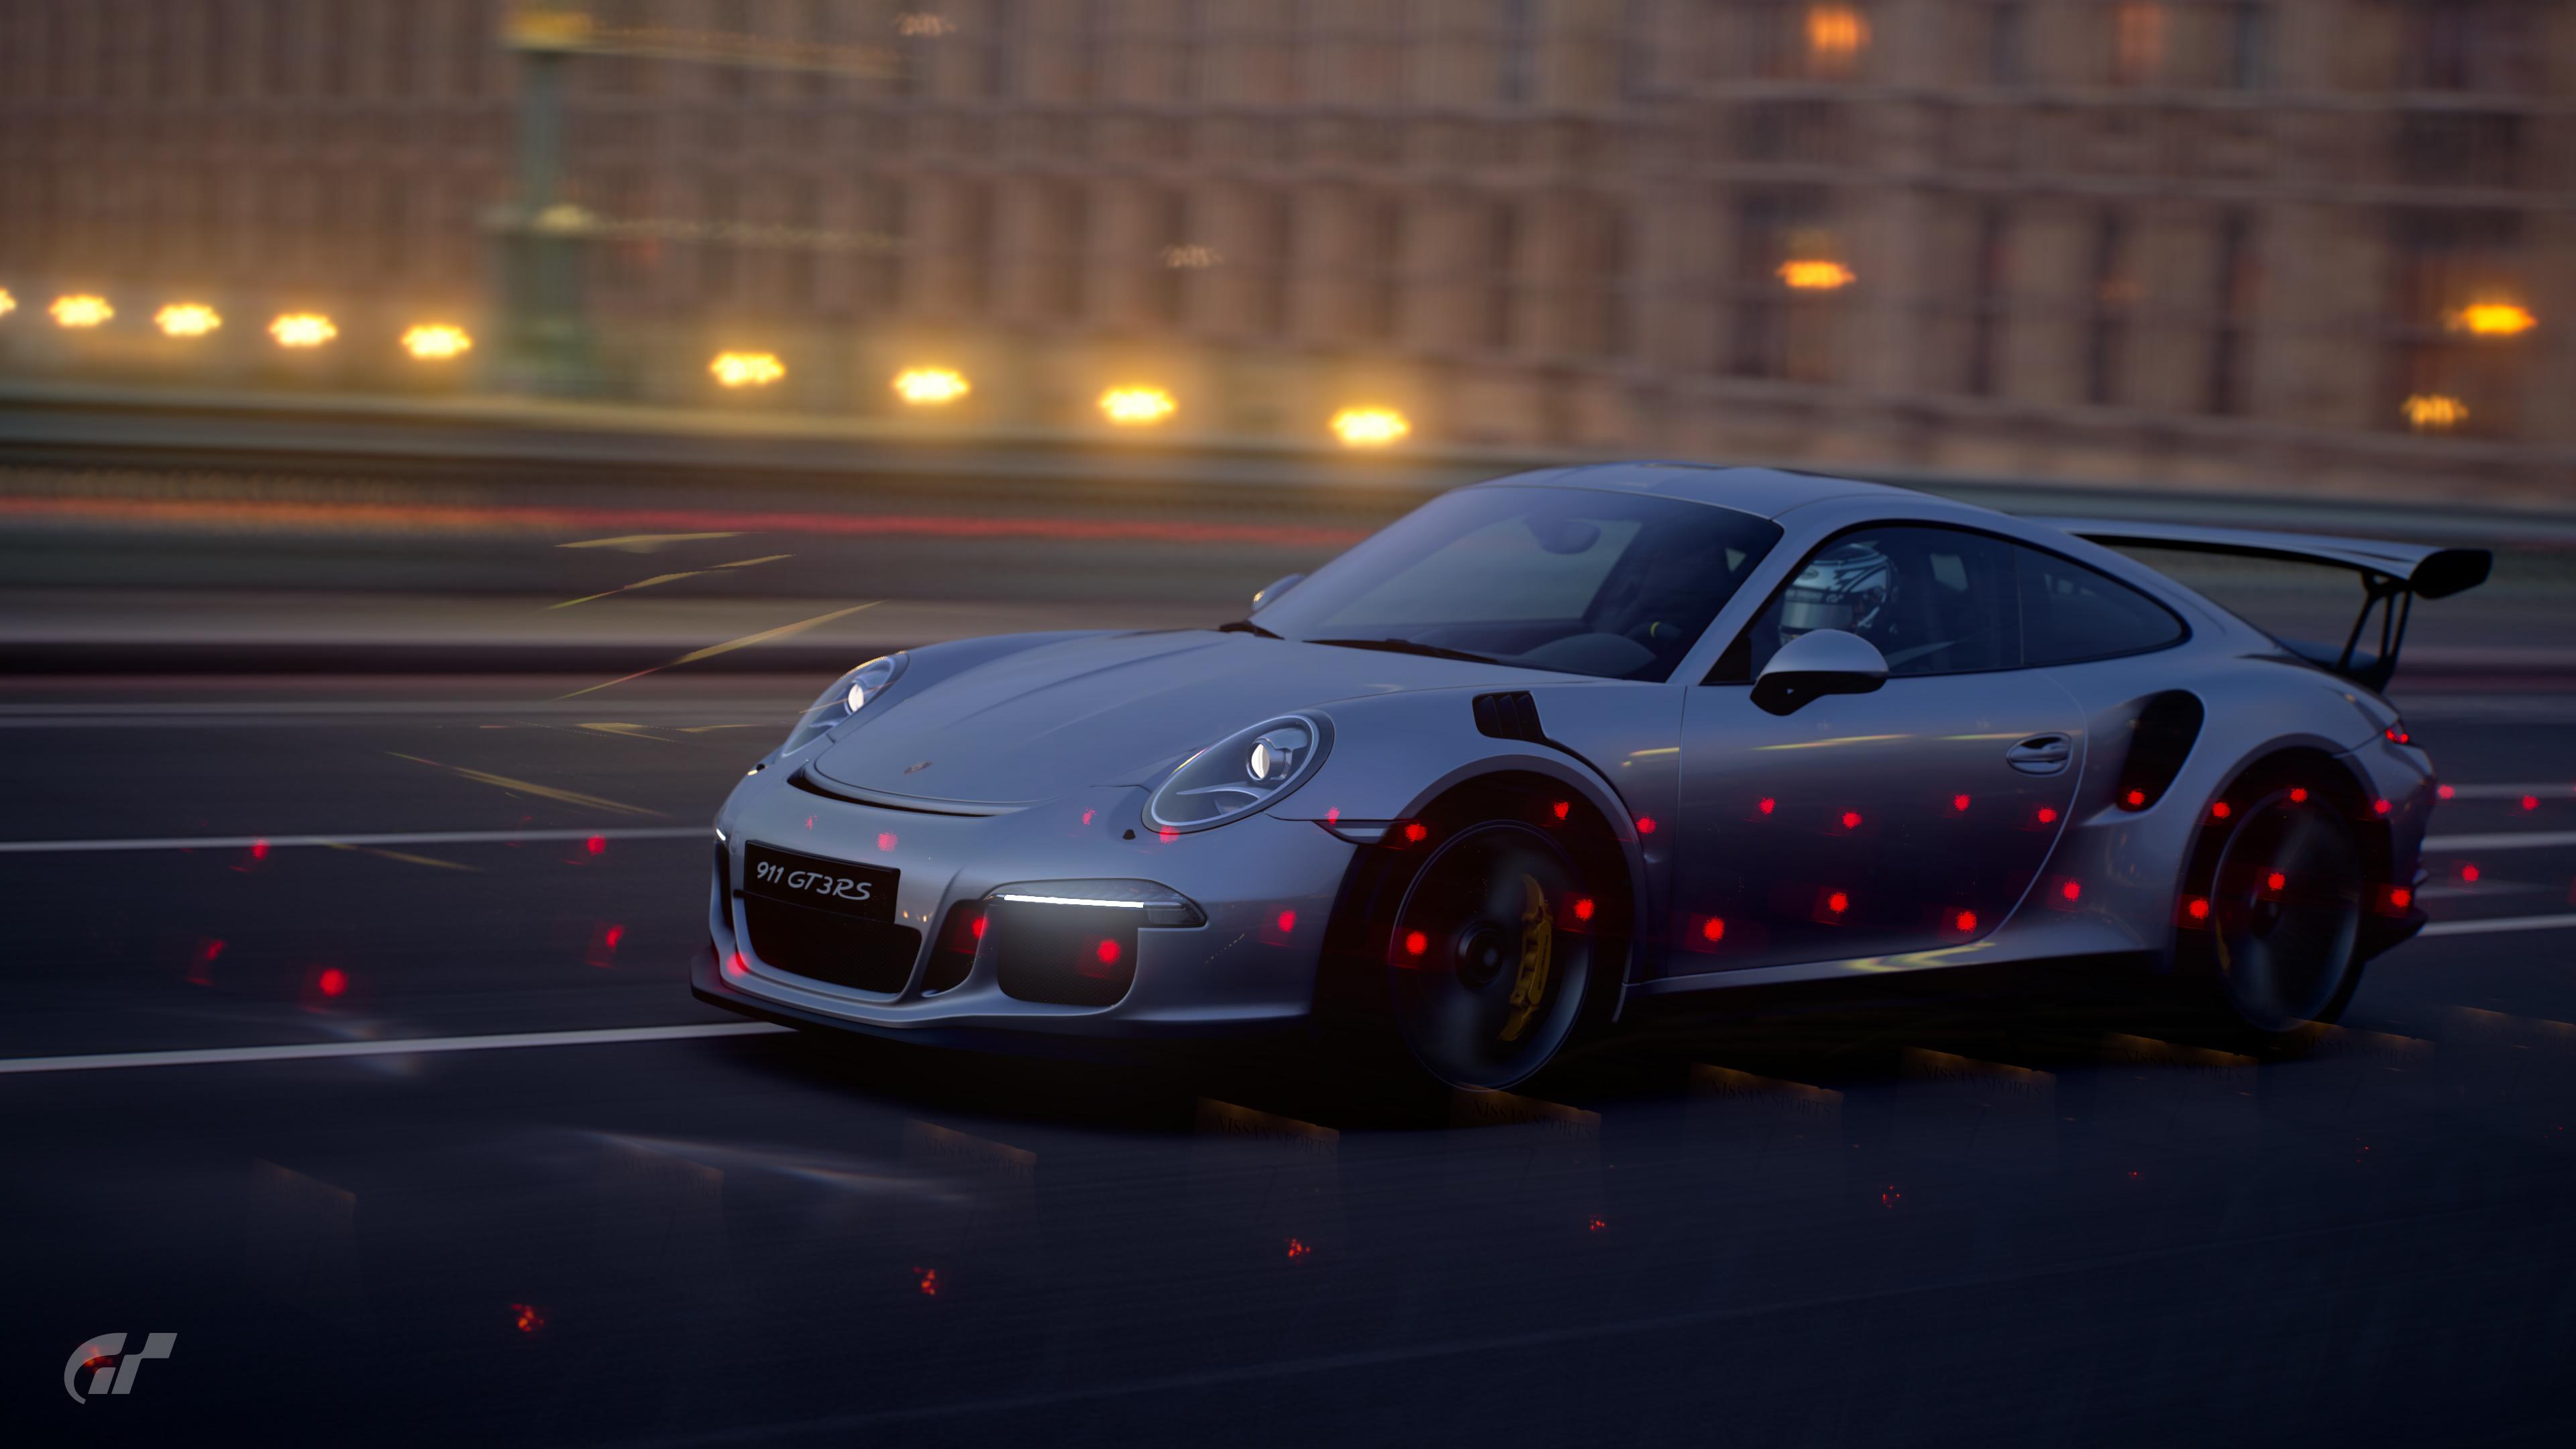 Wallpaper 4k Porsche 911 4k New 4k Wallpapers Cars